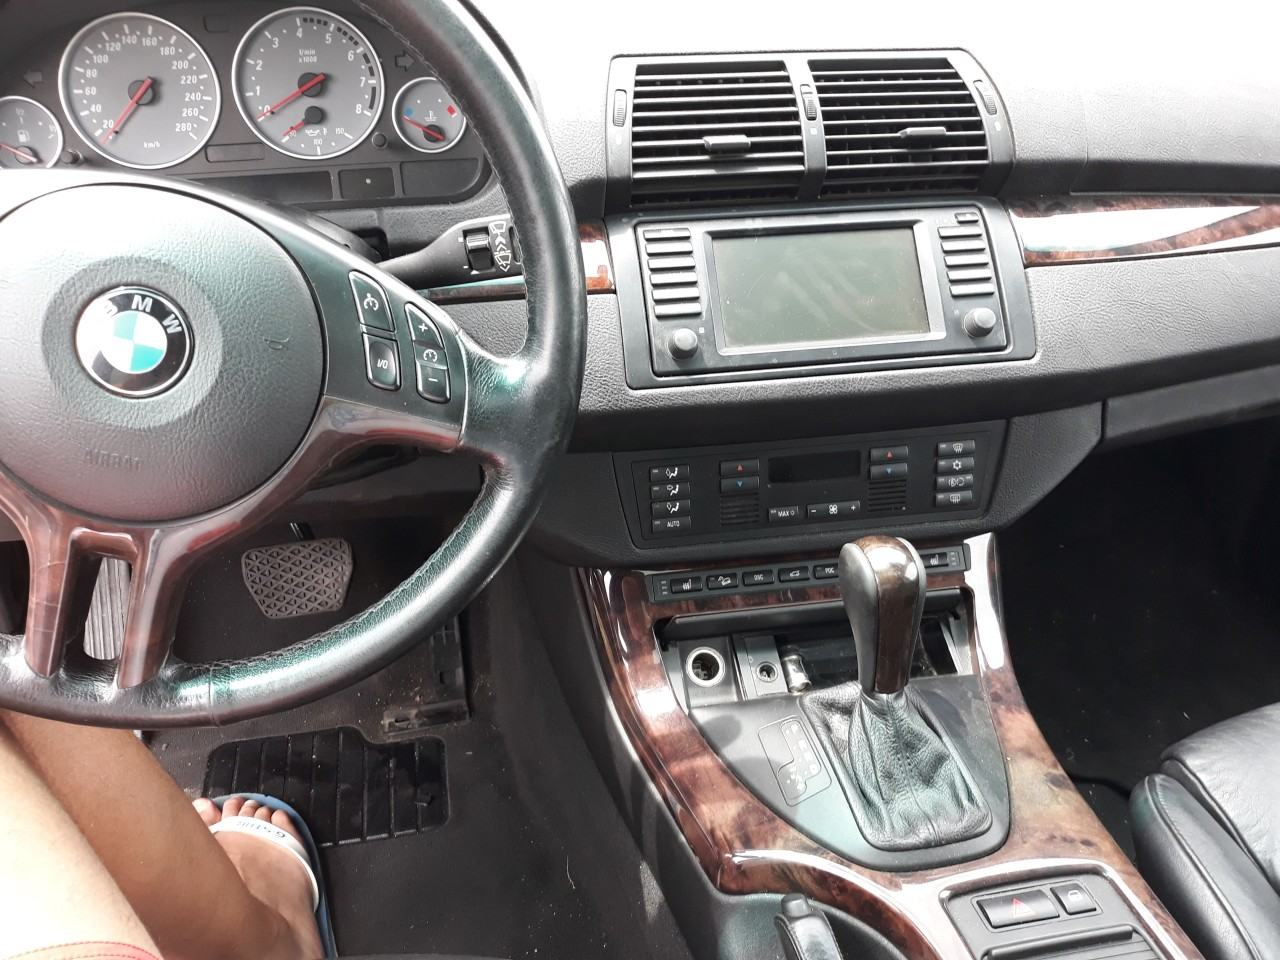 Dezmembrari Dezmembrez Bmw X5 2001 benzina motor 4.6 is e53